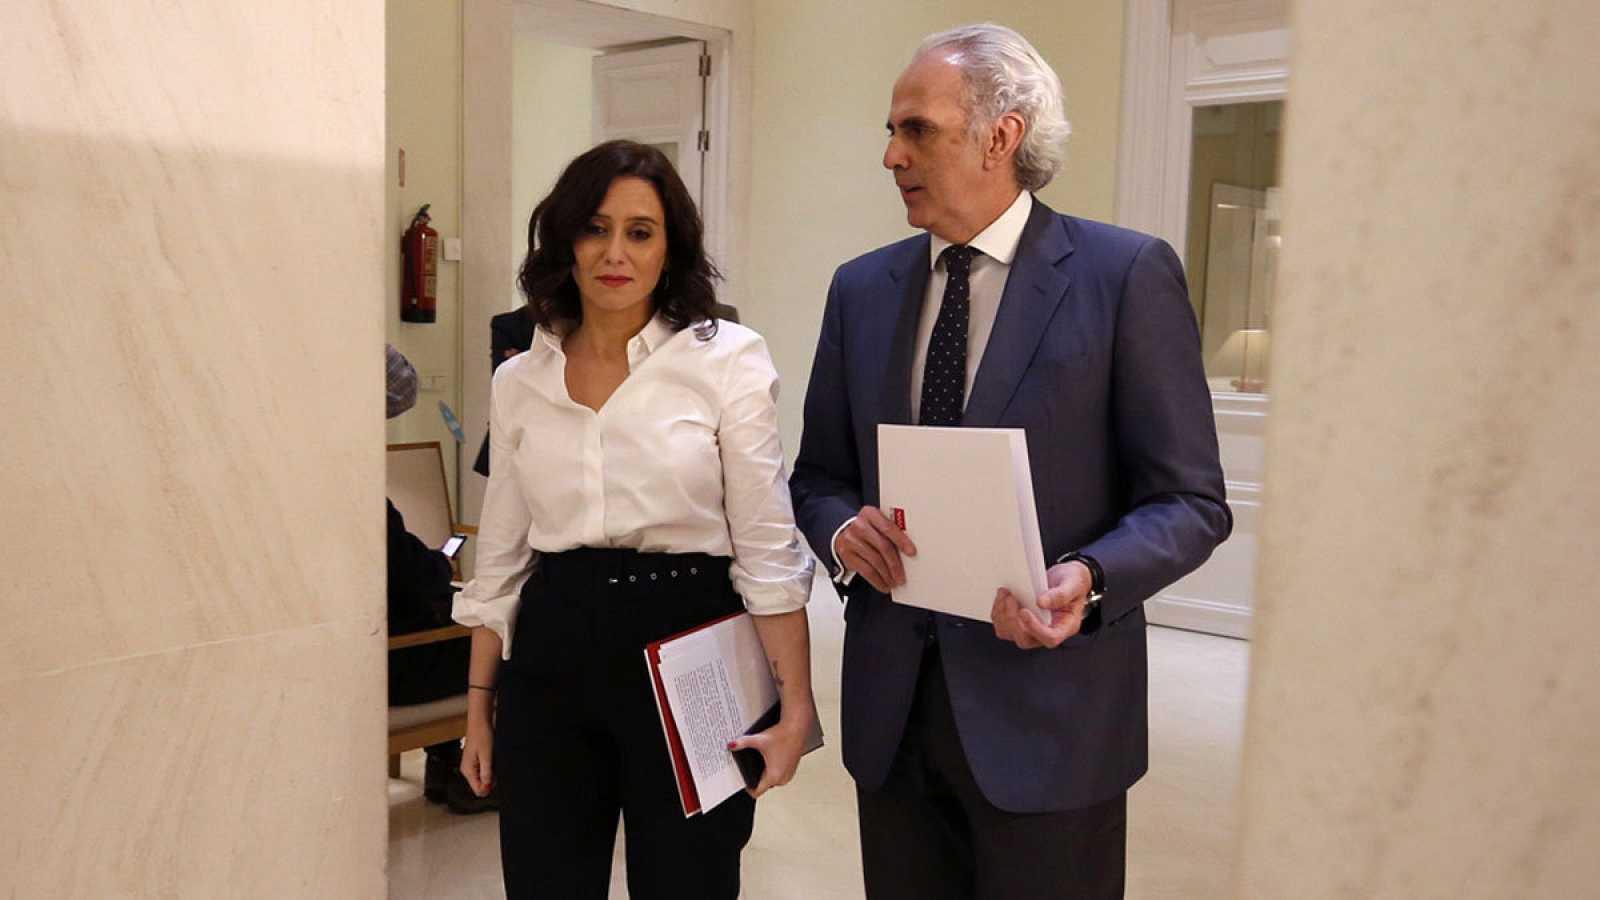 La presidenta de la Comunidad de Madrid, Isabel Díaz Ayuso, junto al consejero de Sanidad, Enrique Ruiz Escudero.